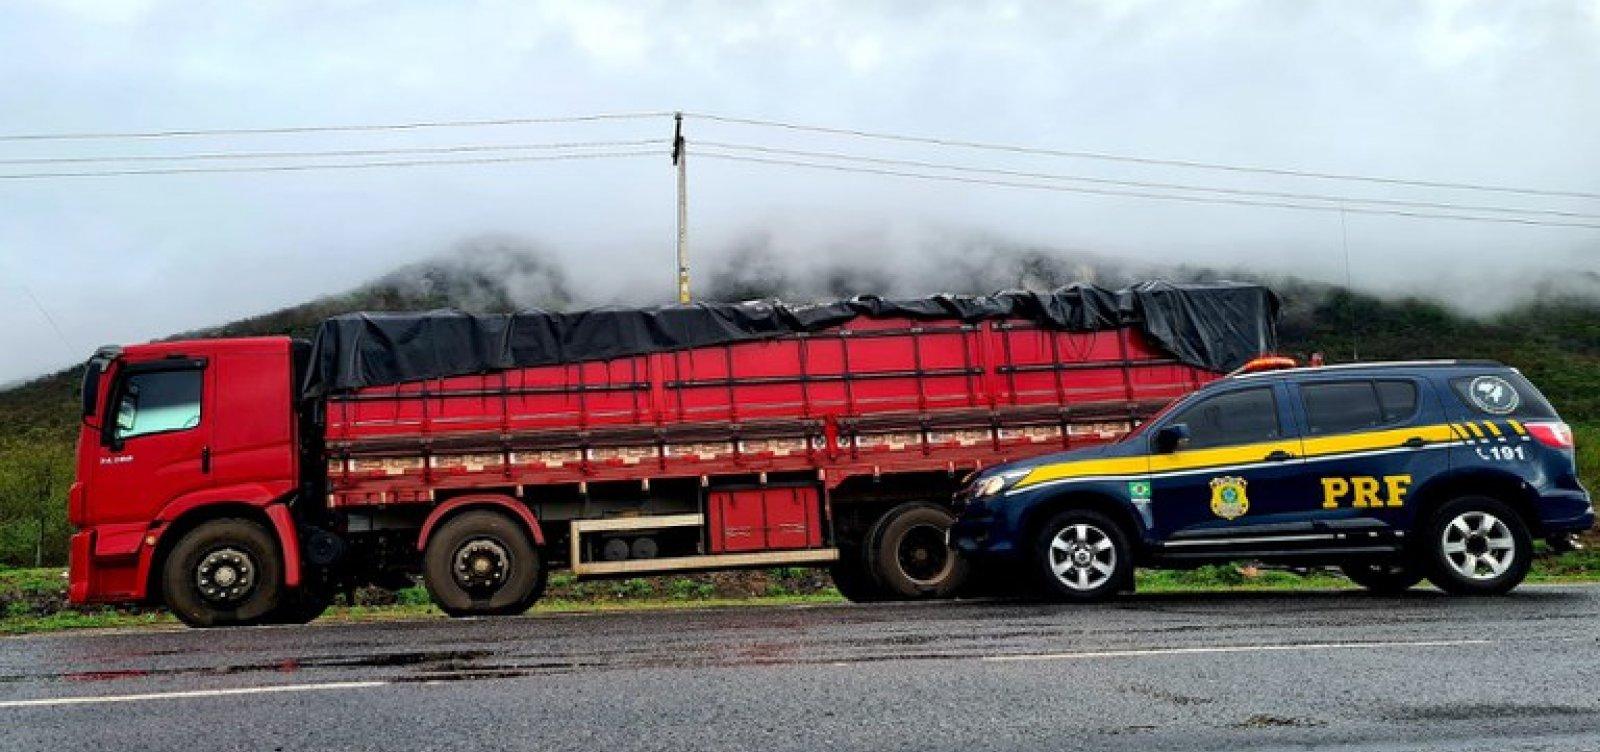 Carga de farinha com 25 toneladas é apreendida por sonegação fiscal